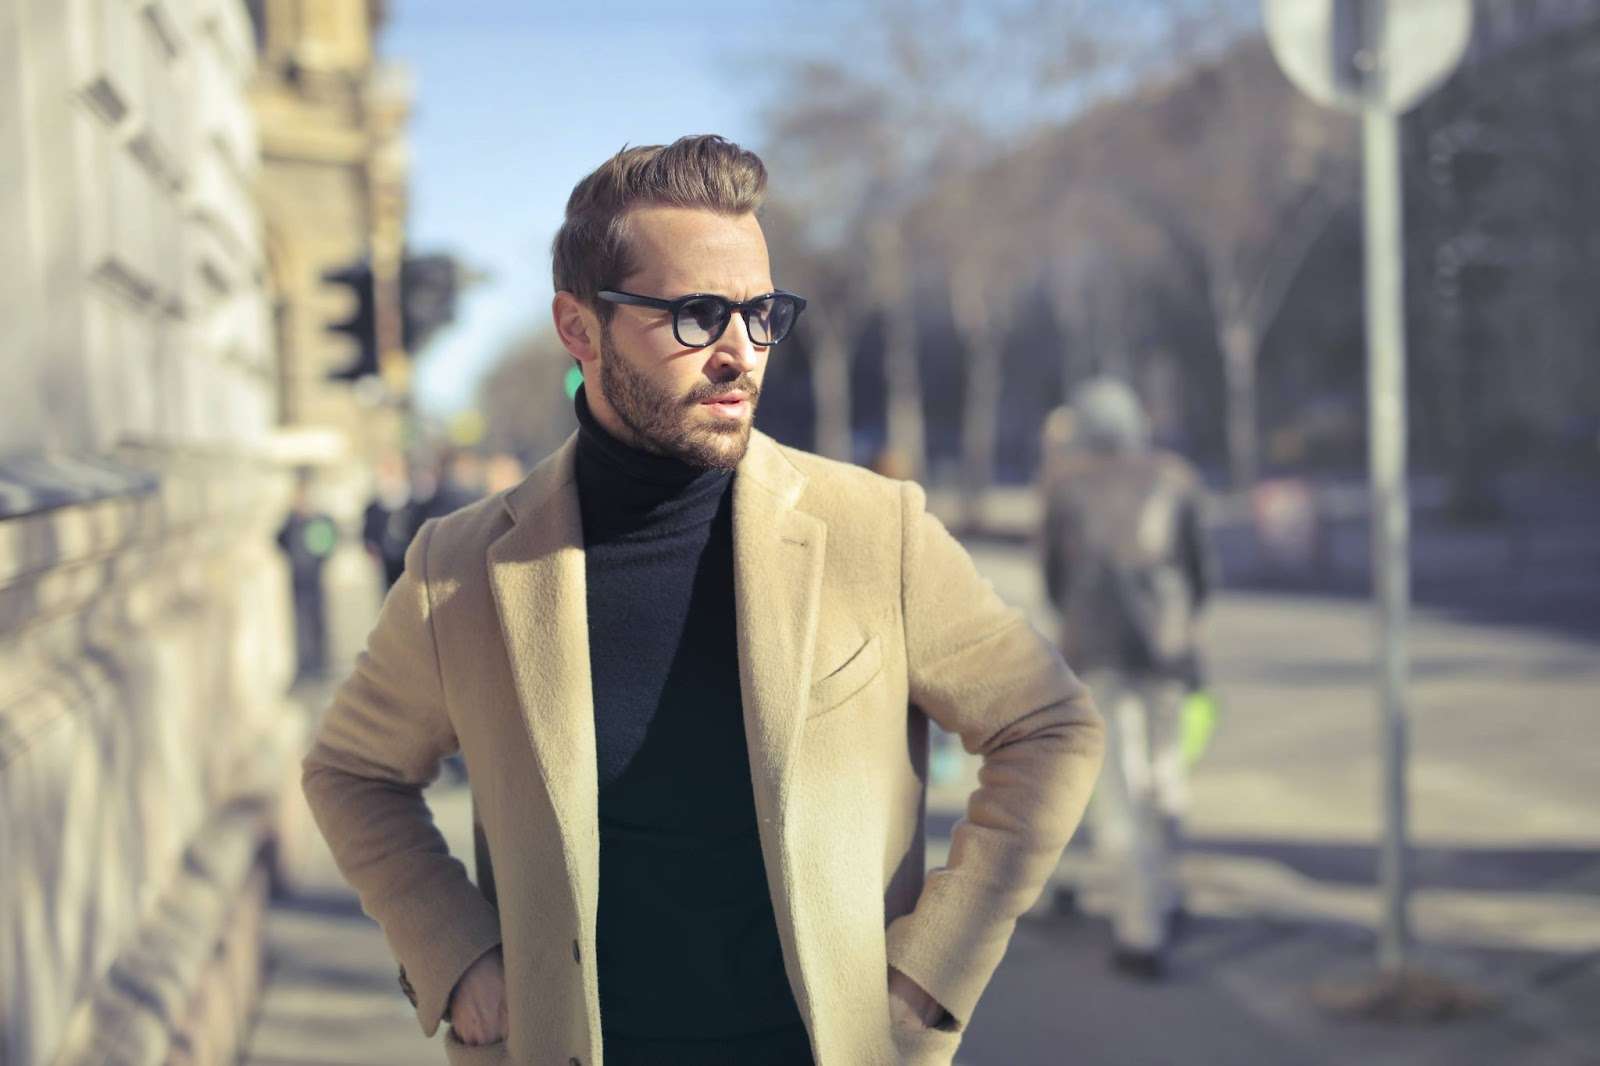 uomo-giacca-chiara-passeggiata